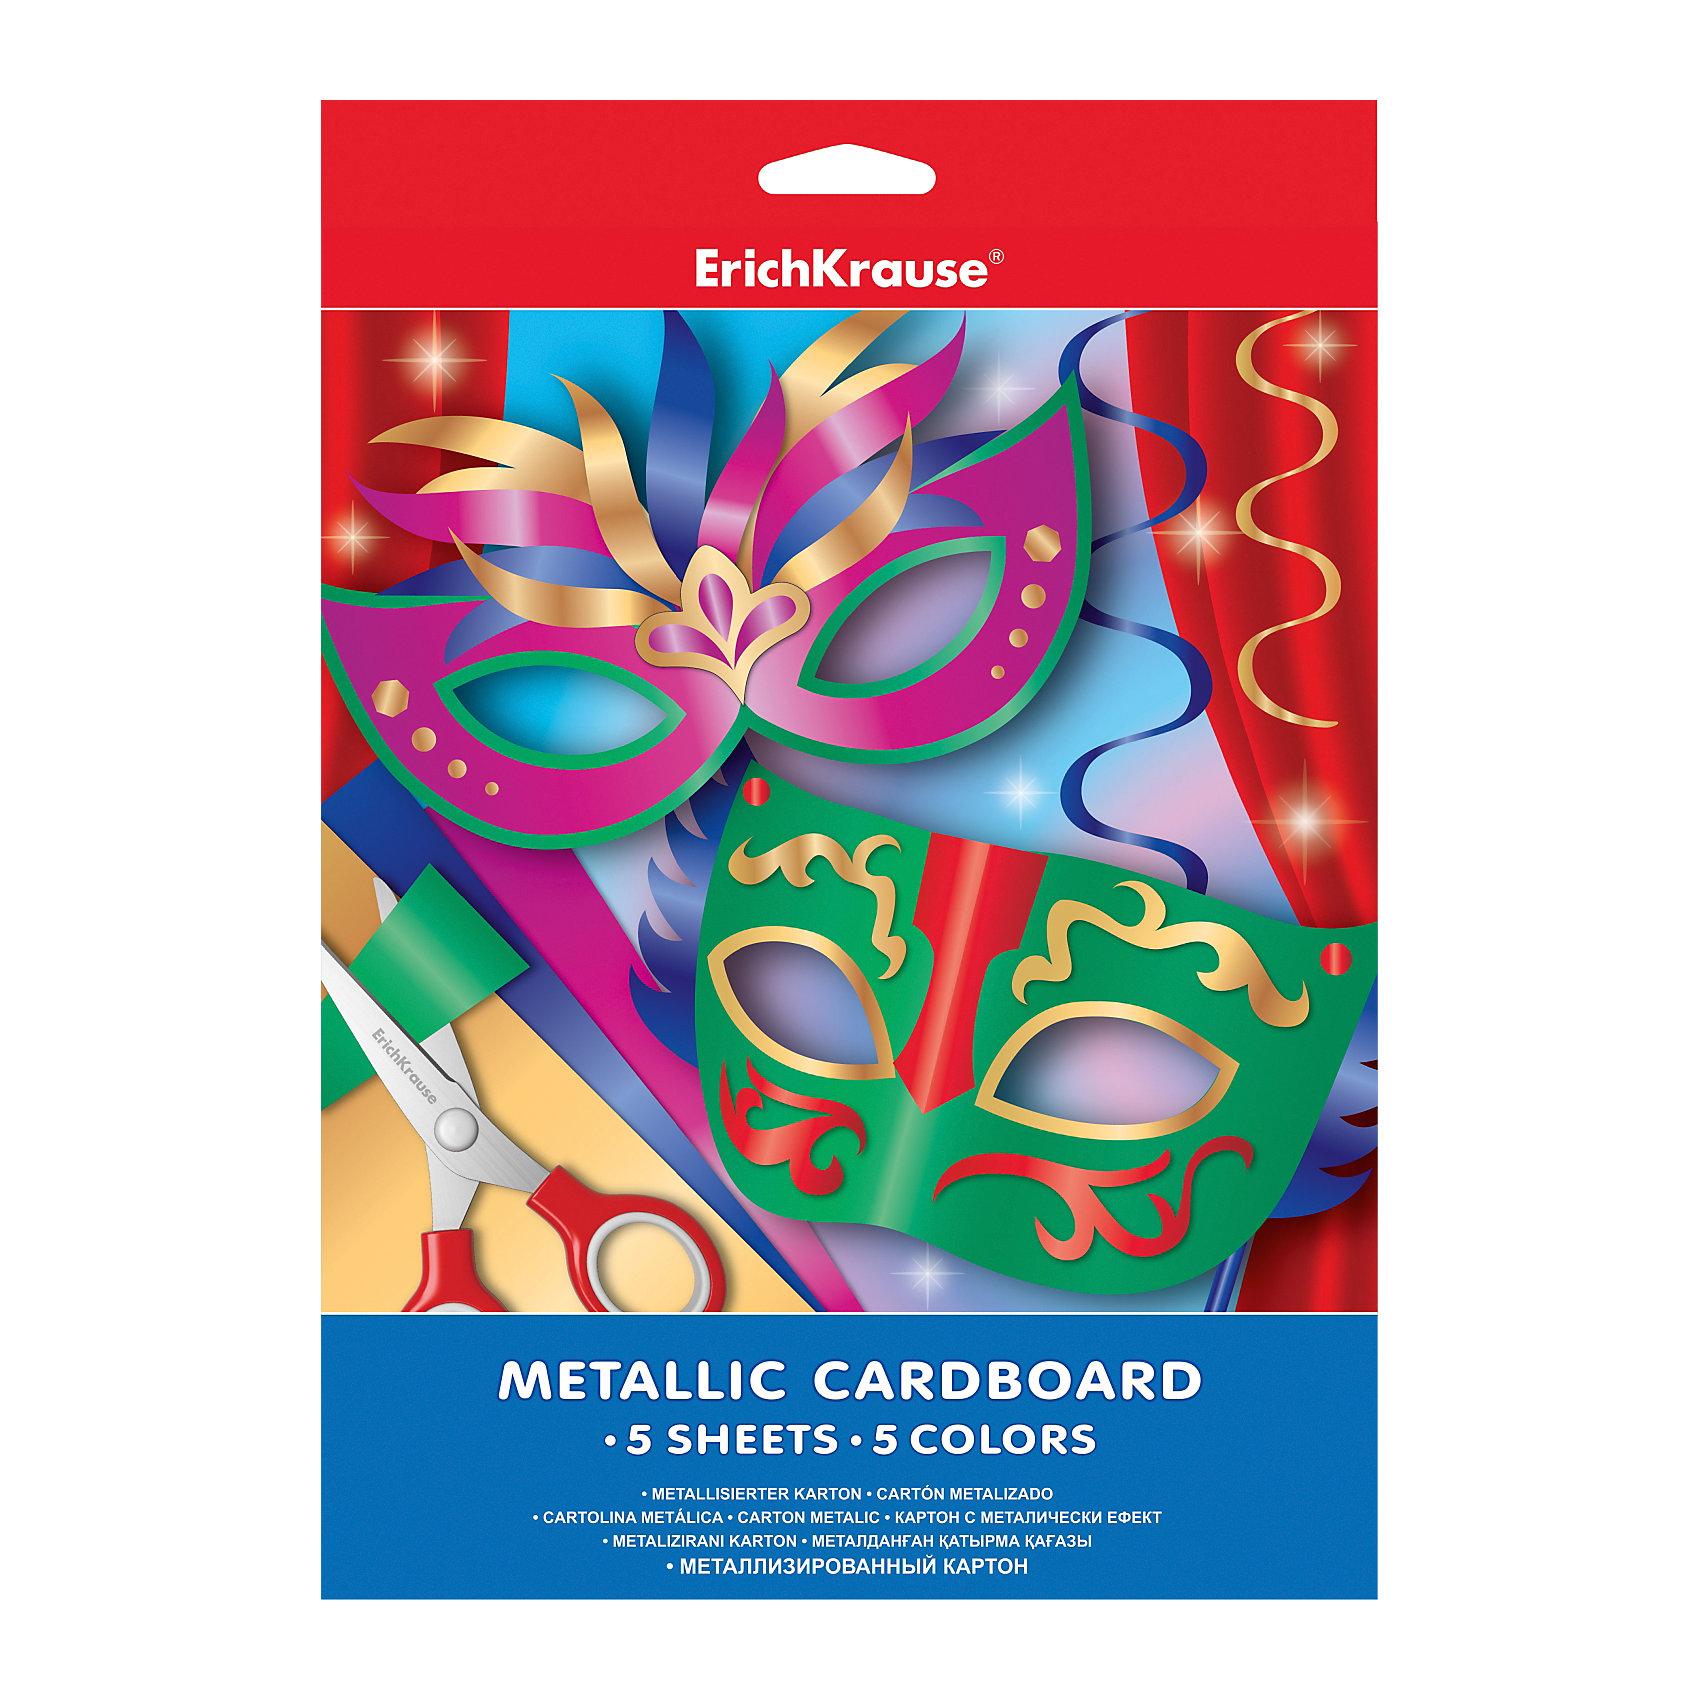 ErichKrause Металлизированный картон А4 (5 листов, 5 цветов) фетр цветное для творчества 5 листов 5 цветов а4 оттенки зеленого 660643